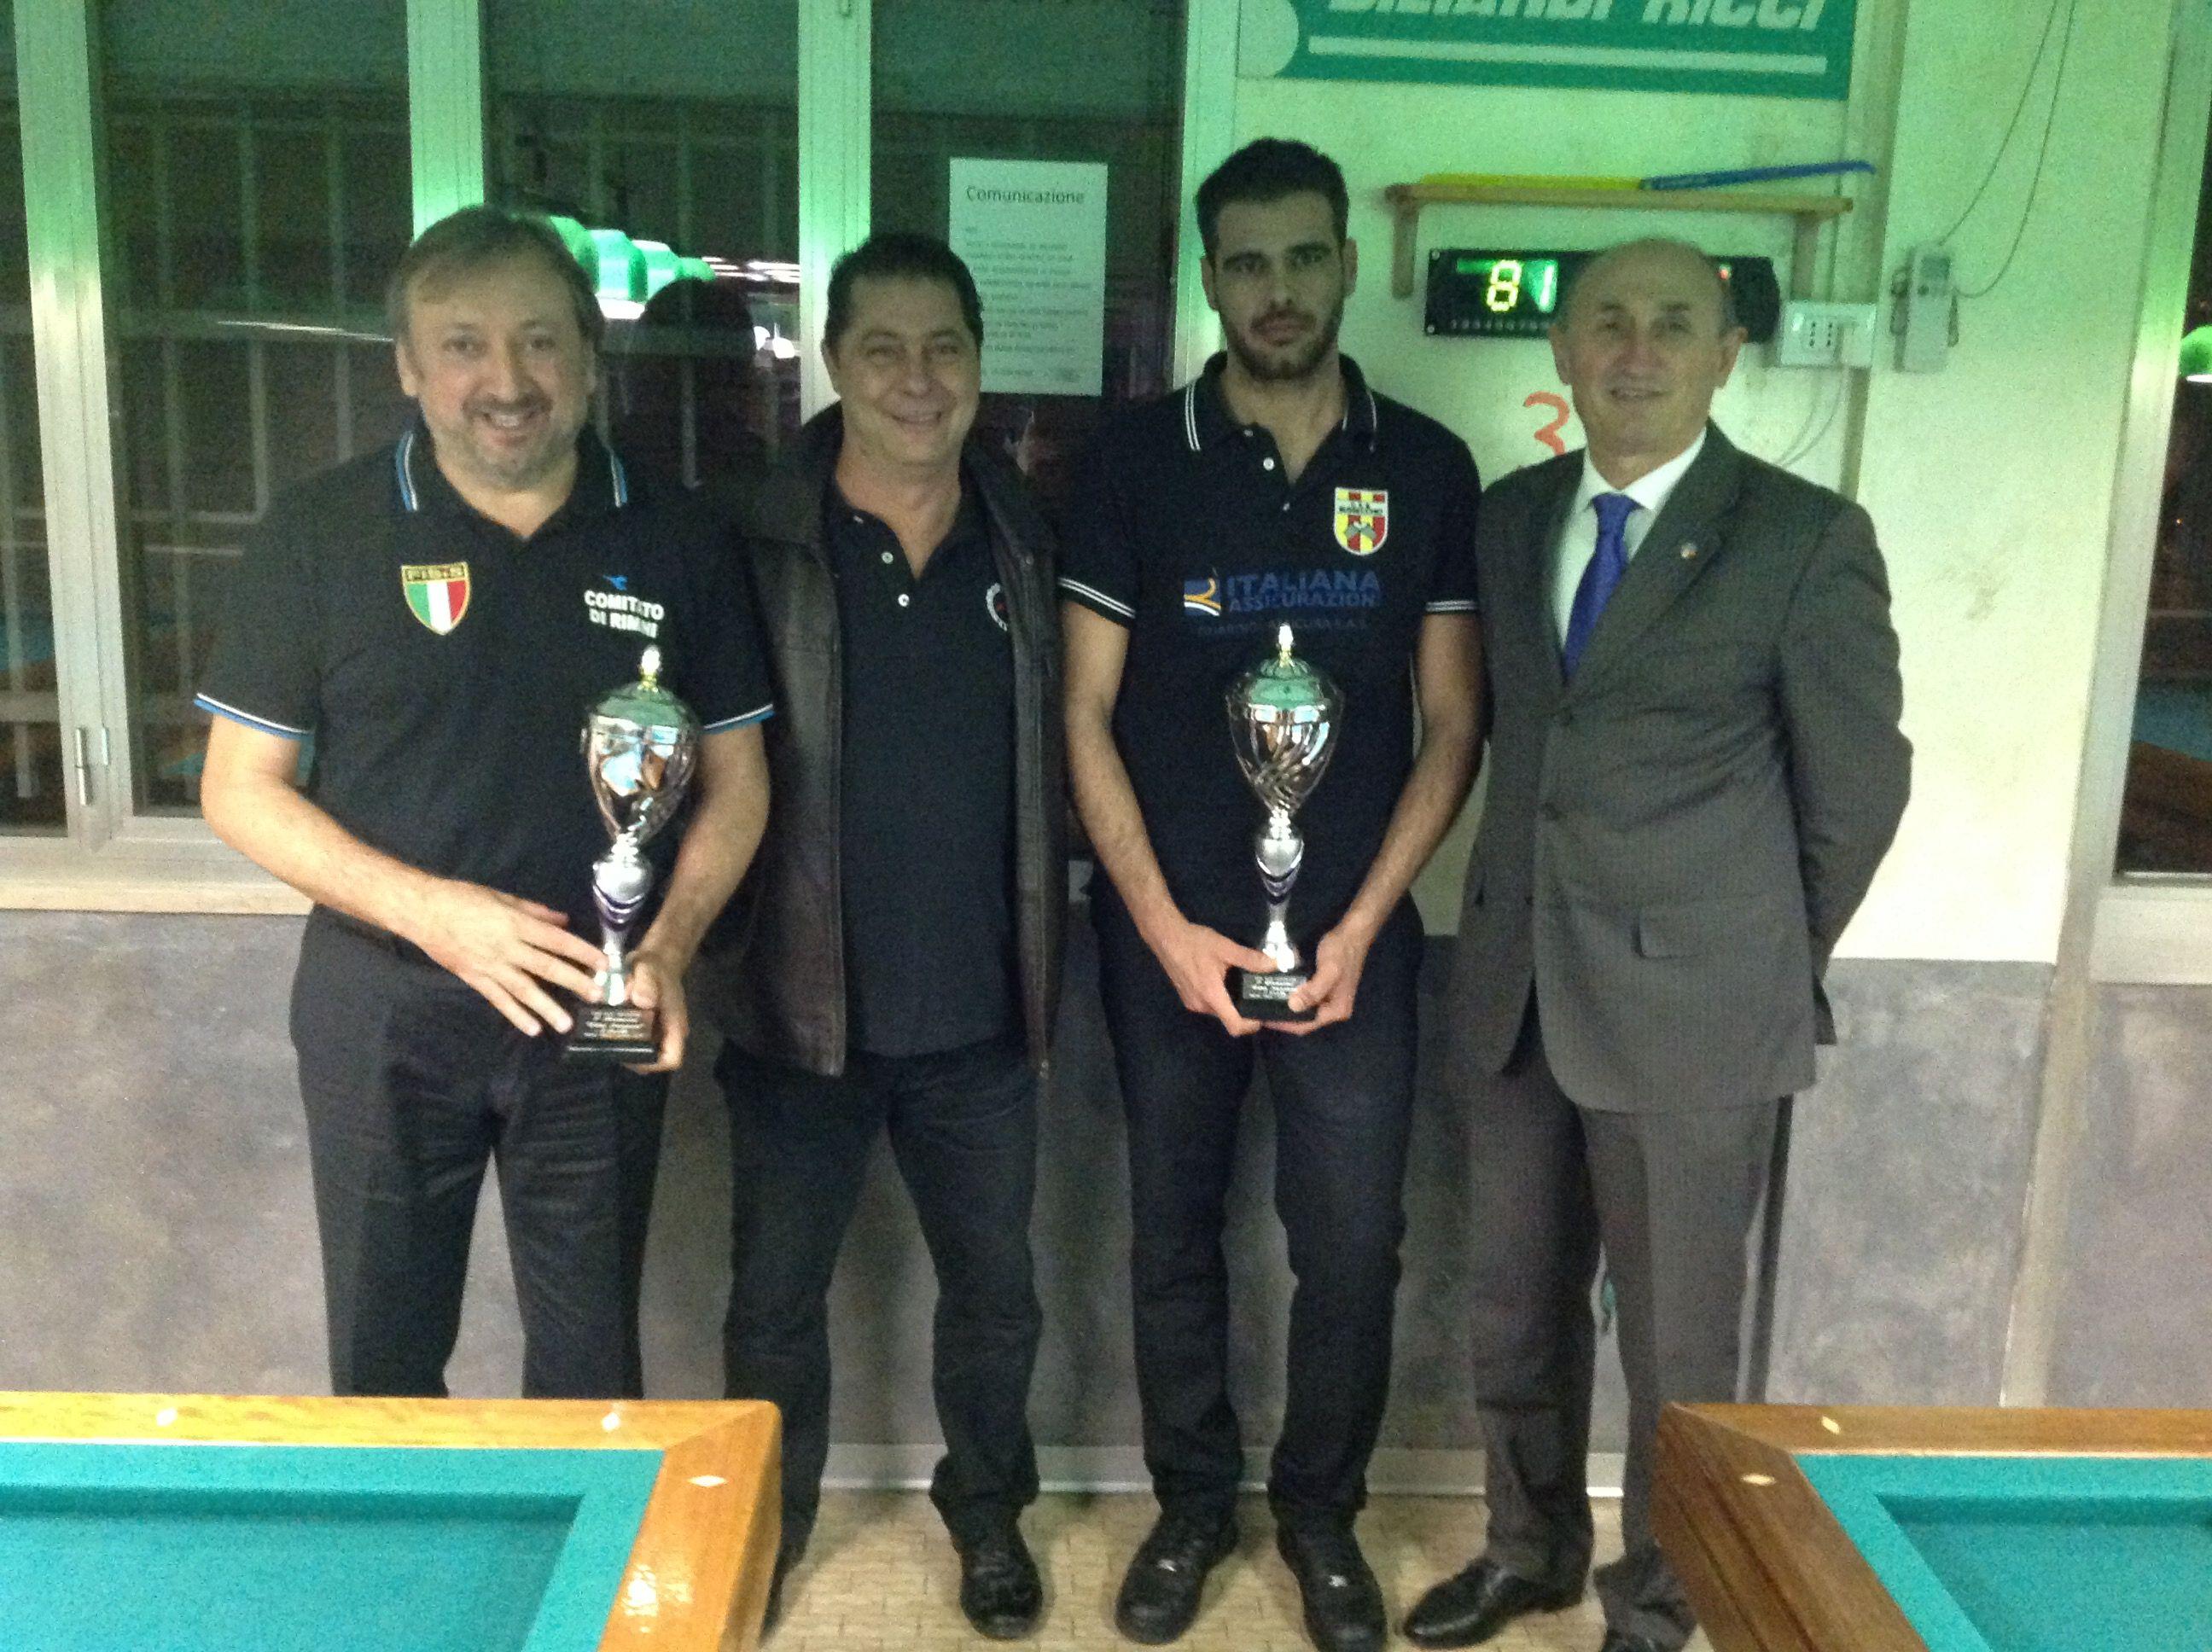 I finalisti Ricci D. e Rosa E. Con il Direttore di gara Padovan Roberto e il Consigliere Federale Loris De Cesari